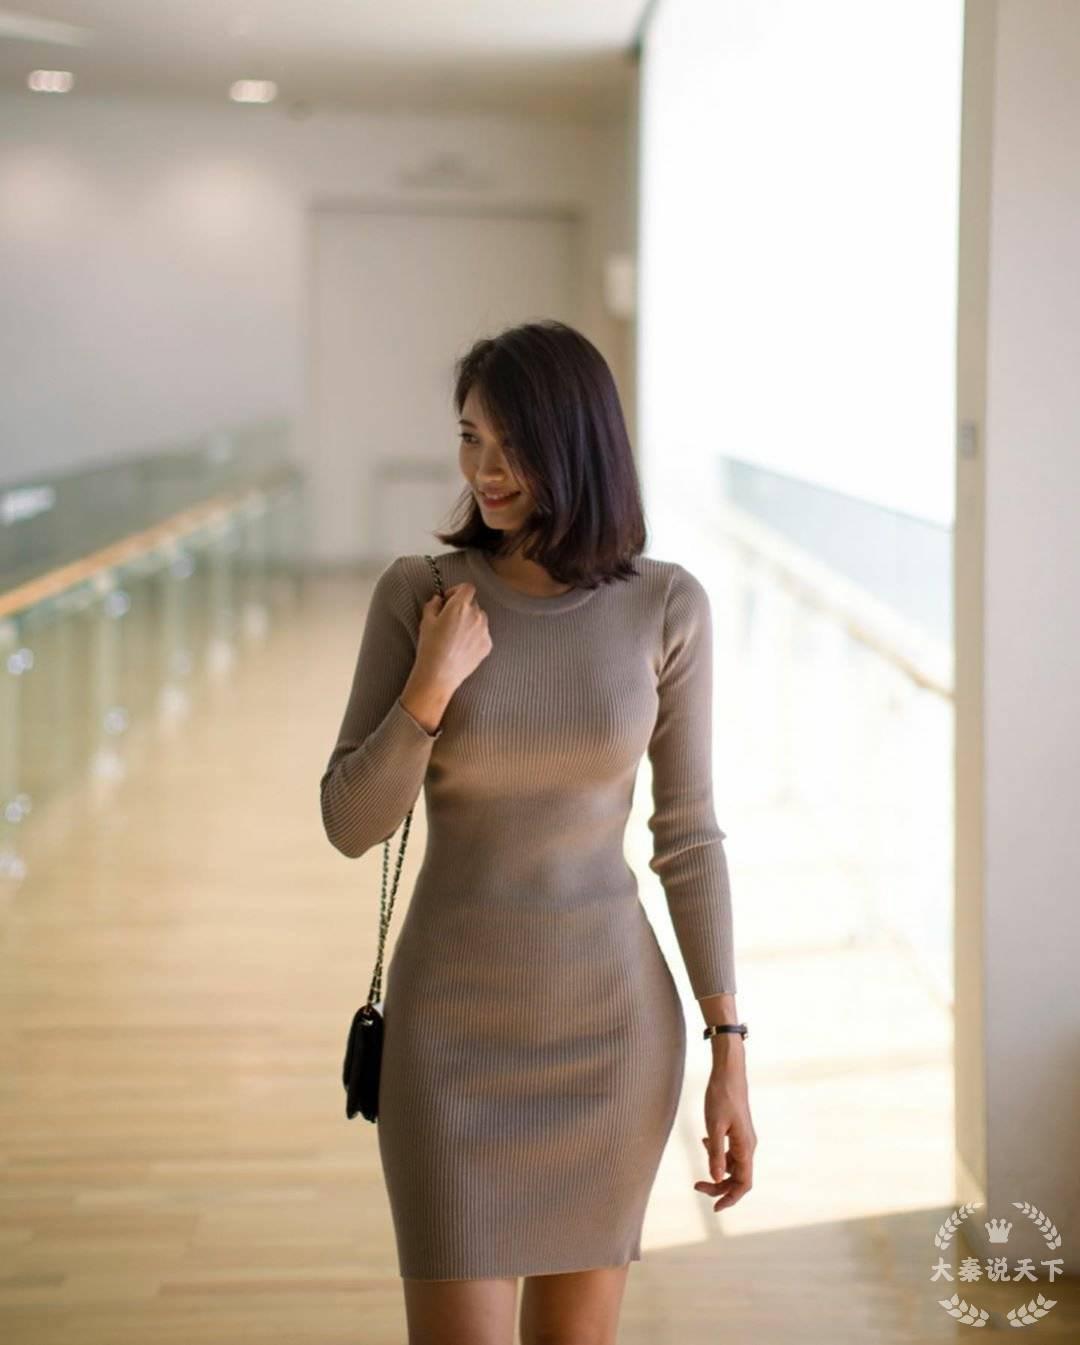 车模包臀裙呈现曼妙身材